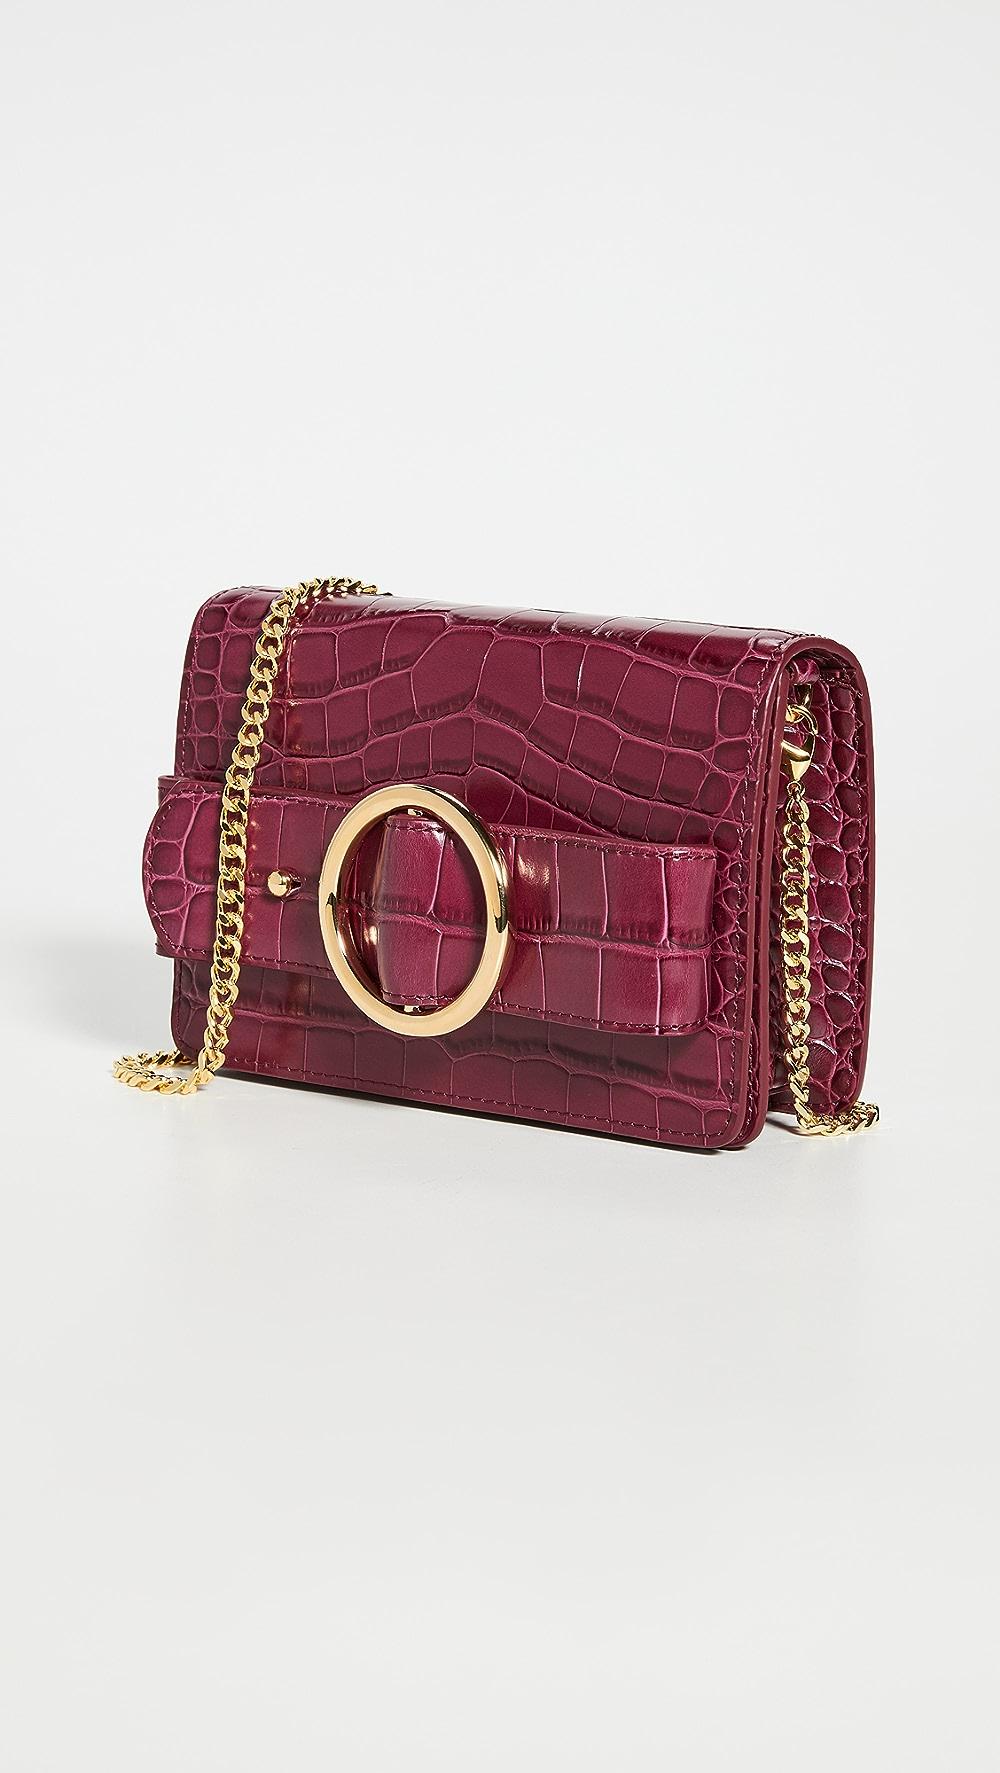 Intelligent Parisa Wang - Allured Belt Bag Terrific Value